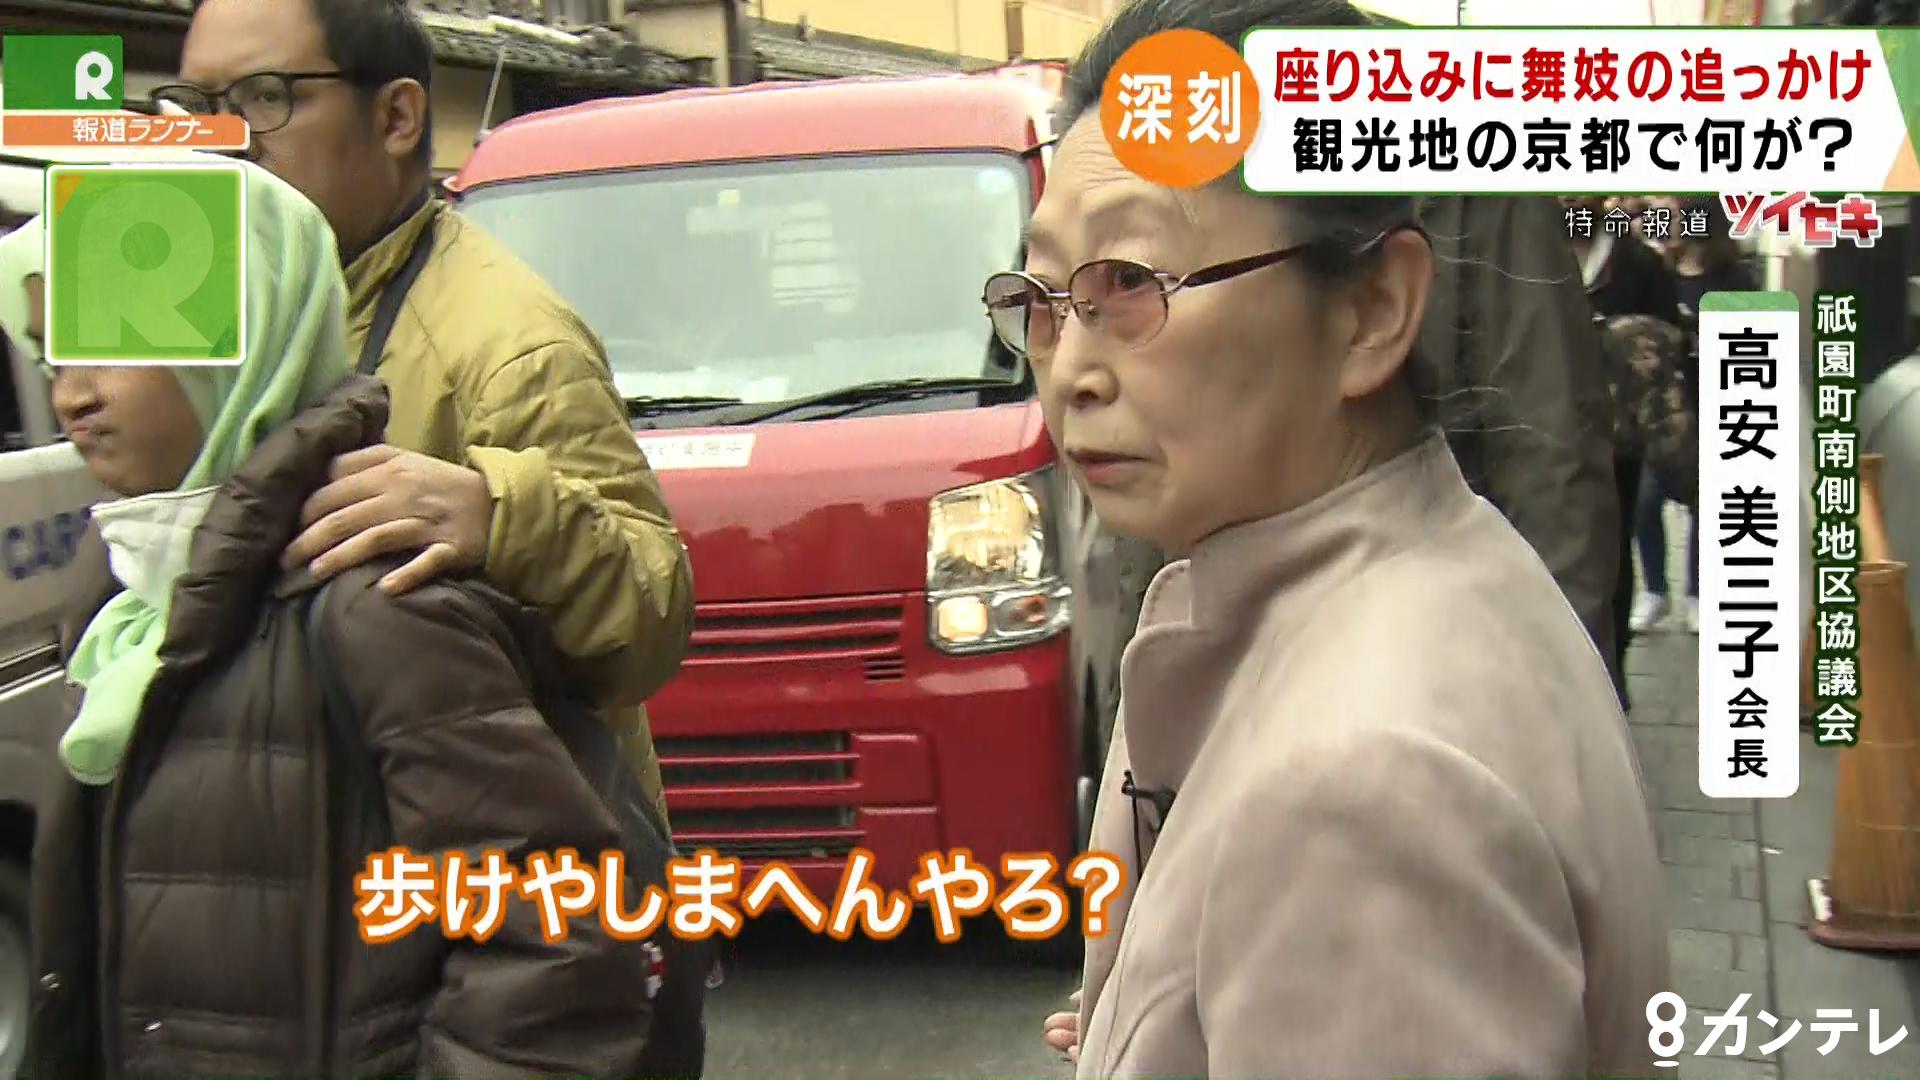 """【特集】京都の""""観光公害""""が深刻 ゴミ放置、民家への入り込み…悪化する観光客のマナー、住民は「我慢の限界」"""